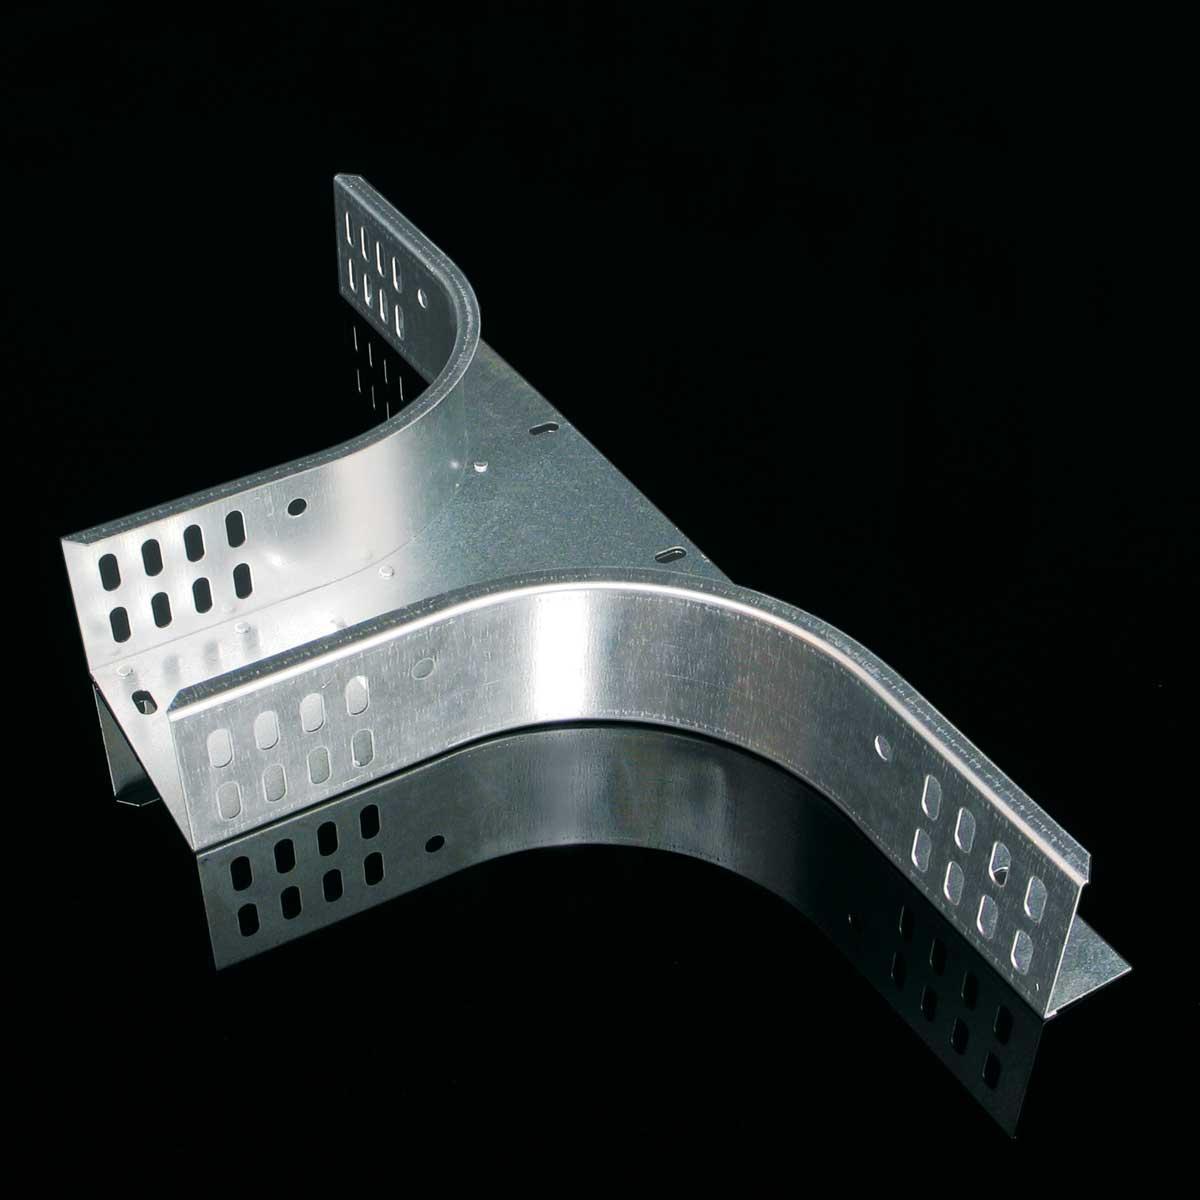 Відгалуження горизонтальне для лотка JUPITER; розміри-60x100x500mm Товщ. метал-0,8 Вага-0,78кг/м